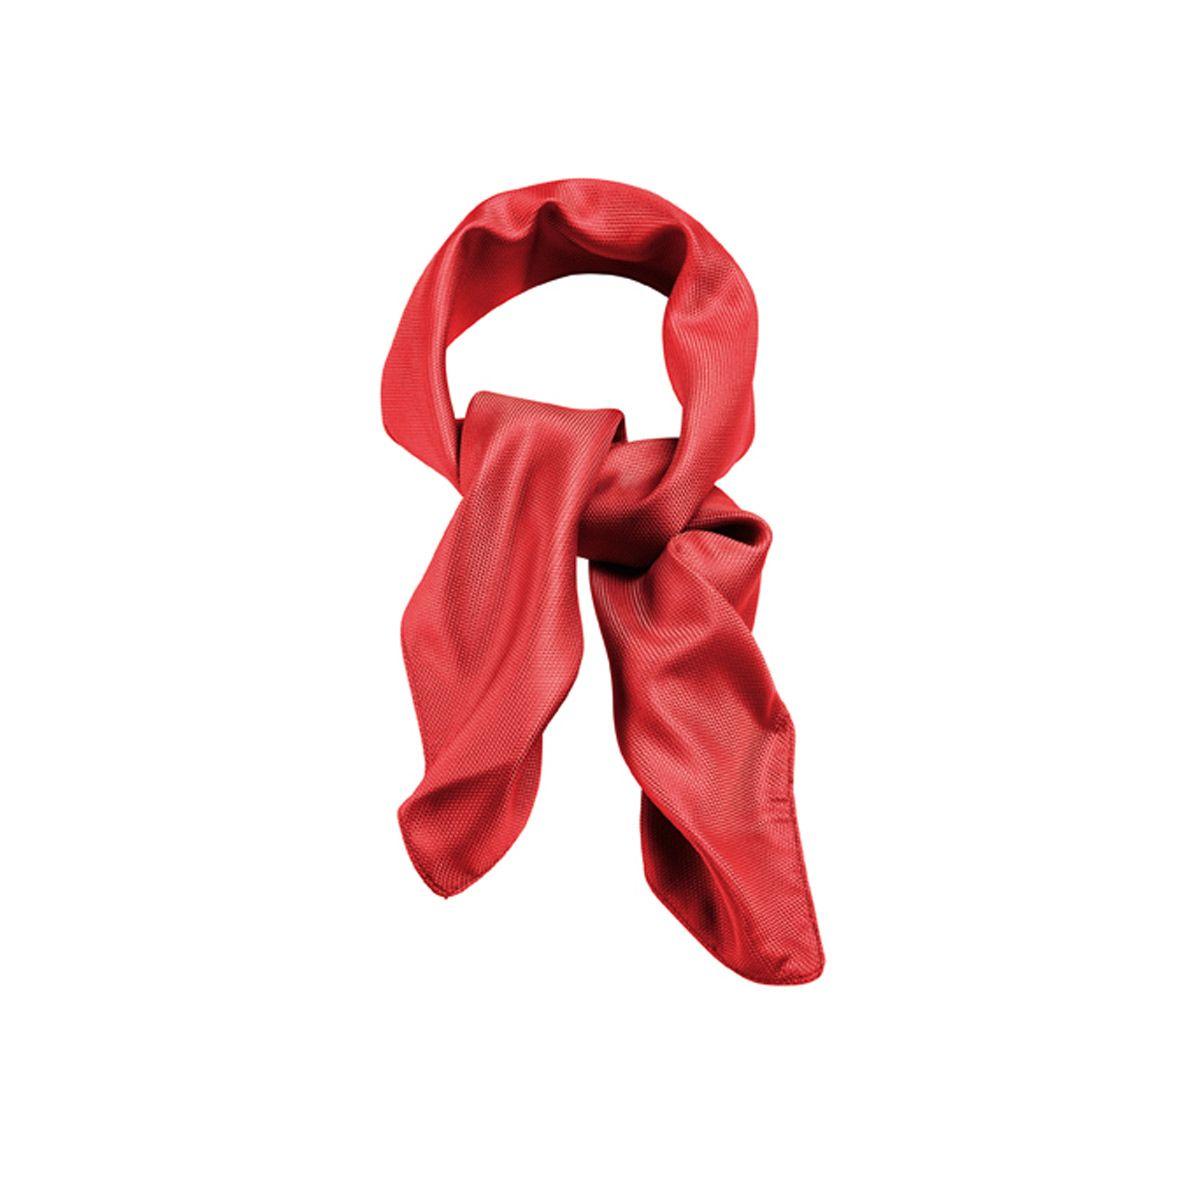 d2b63230d61f Foulard uni Femme 6901 est un accessoire de vêtement de travail classe, c  est la spécialité de SPIQ. Retrouvez d autres modèles sur spiq.fr